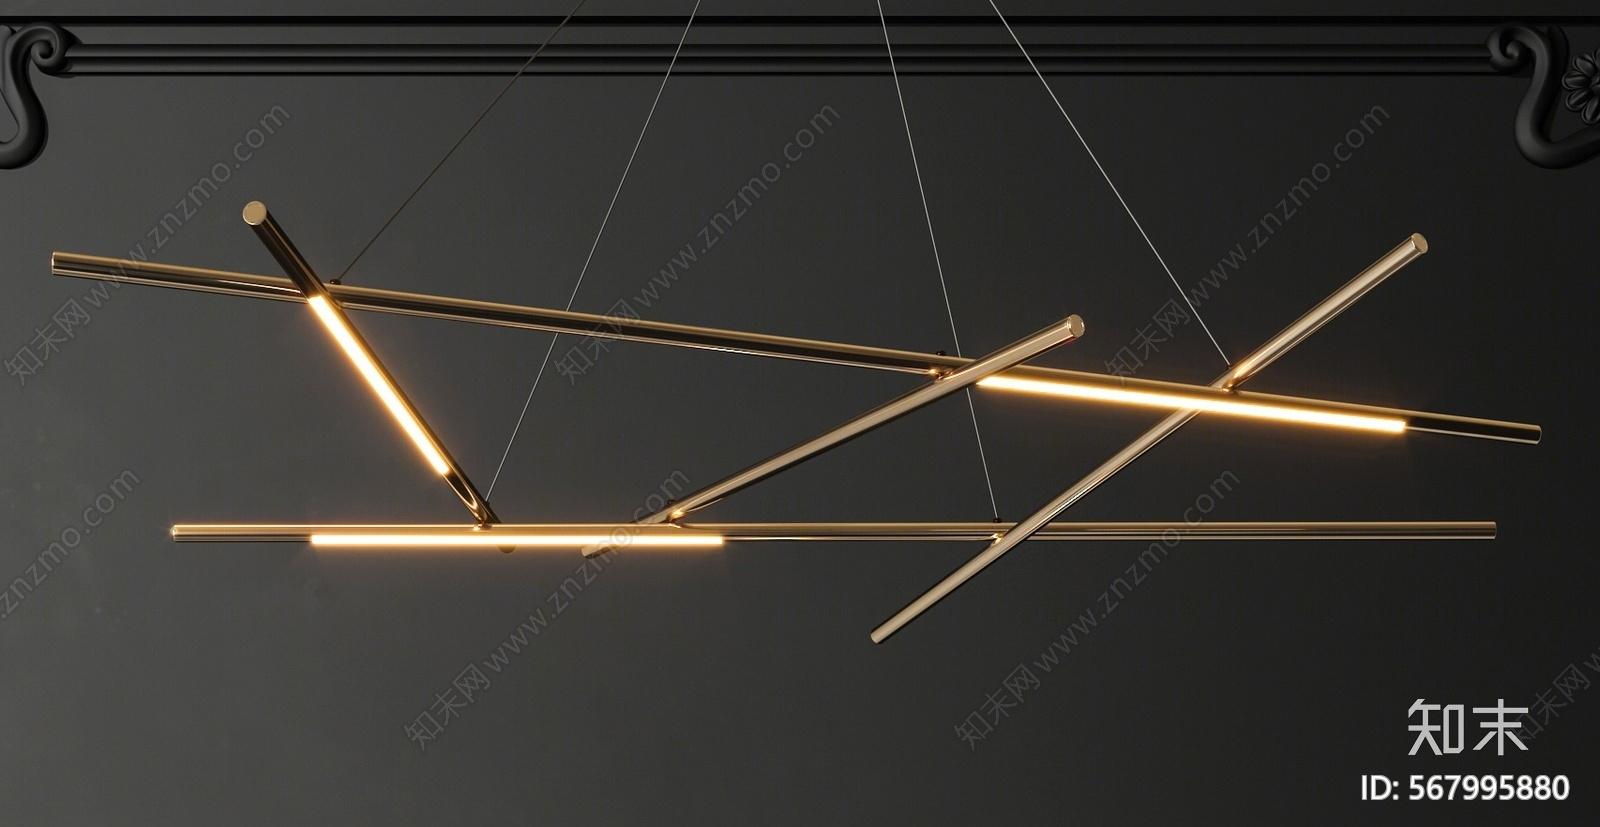 现代LED吊灯组合3D模型下载【ID:567995880】